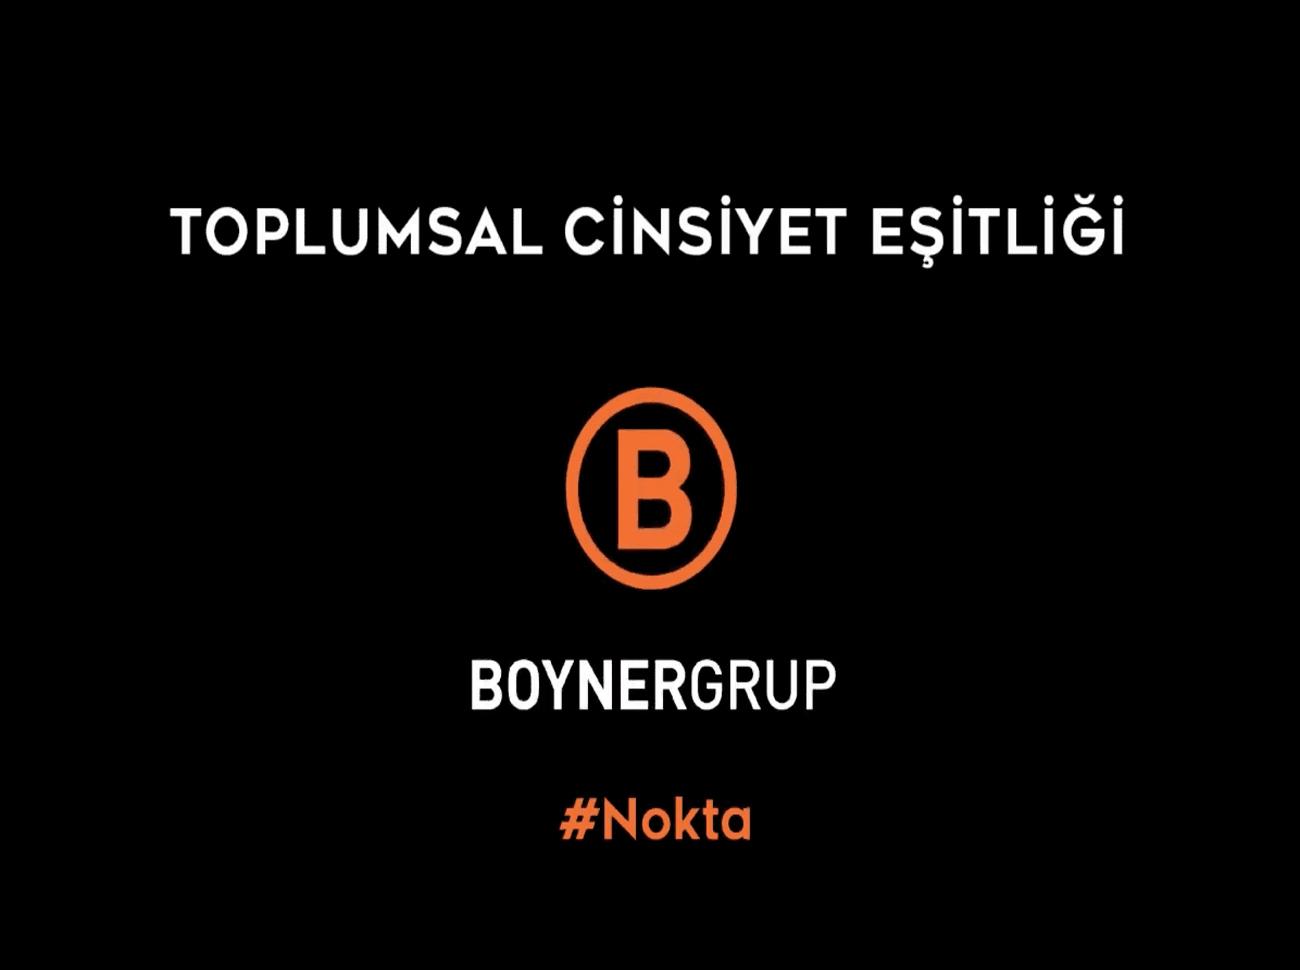 Boyner Grup'tan Kadınlar Günü Mesajı: Eşitlik Hakkım